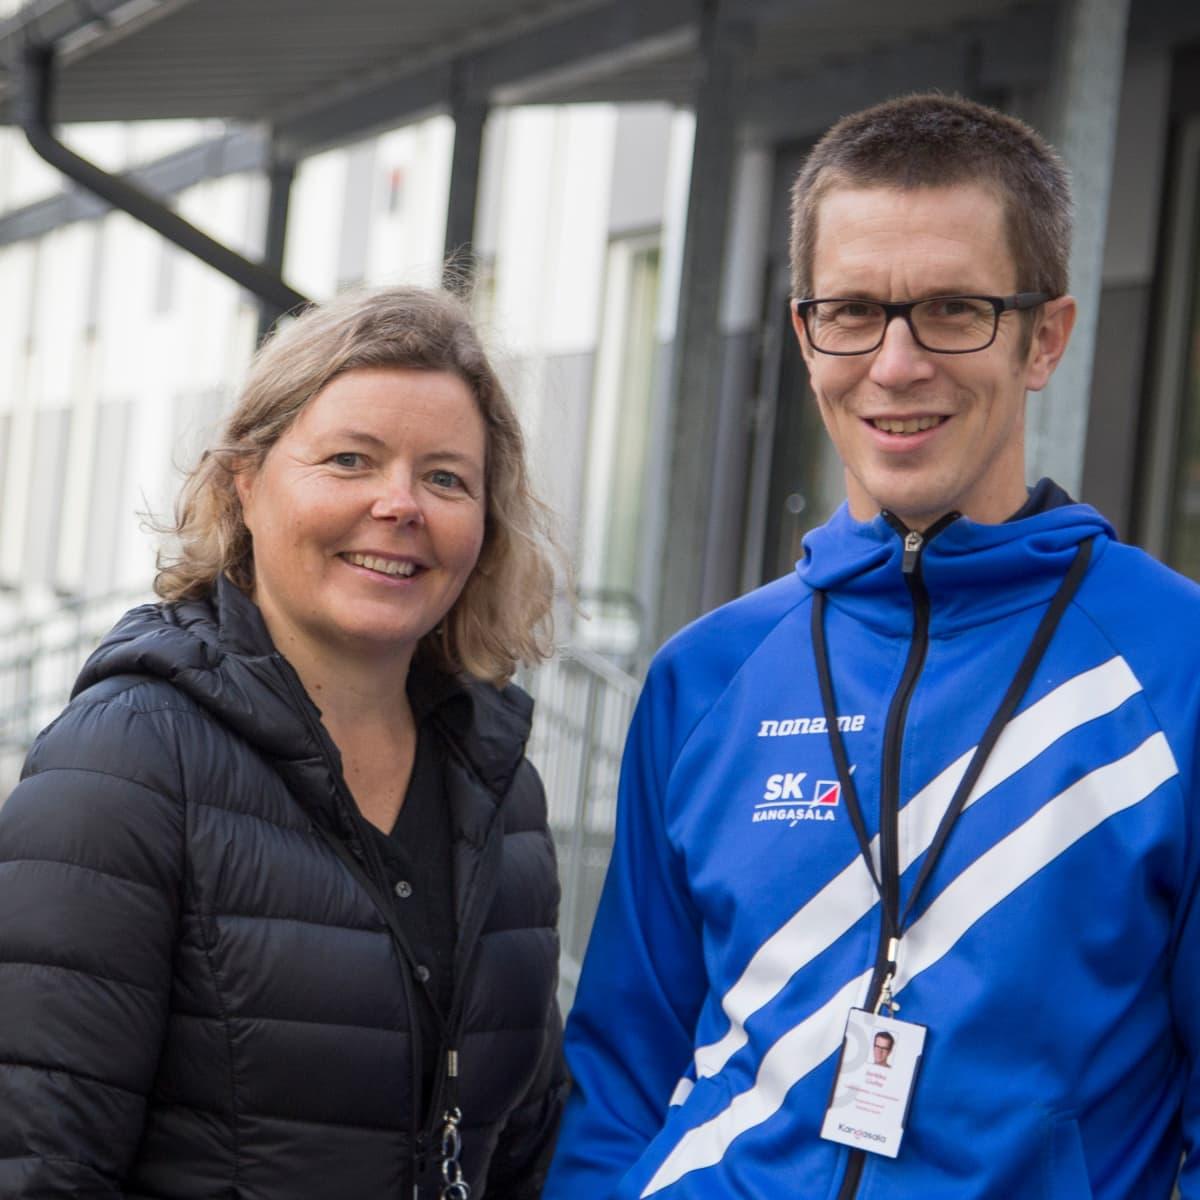 Kangasalalaisen Vatialan koulun rehtori Mari Saarikko ja vs. apulaisrehtori Jarkko Liuha.